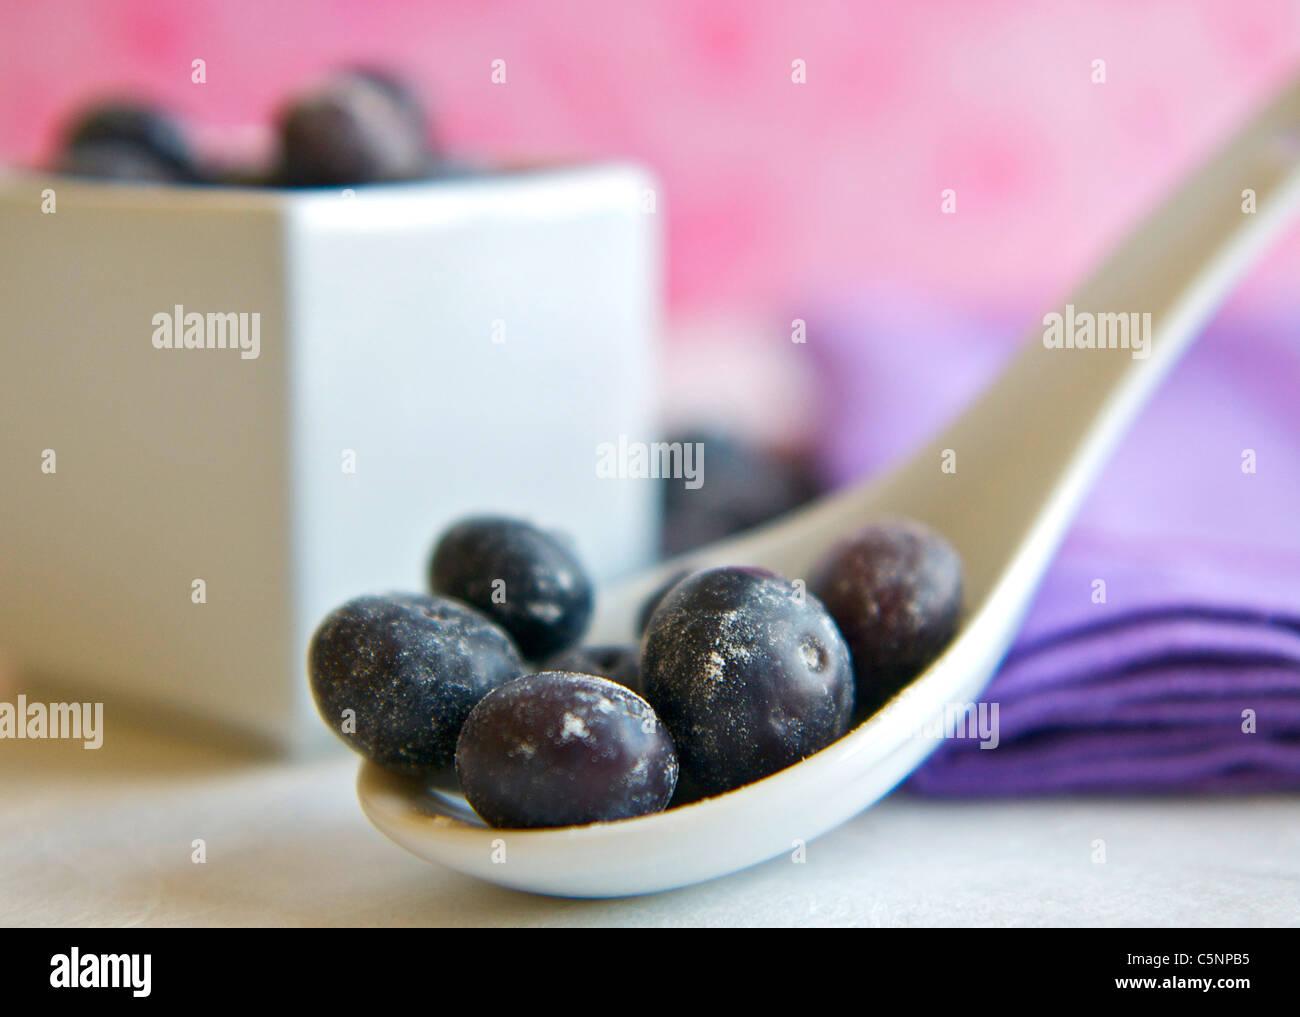 Los arándanos sobre una cuchara blanca Imagen De Stock